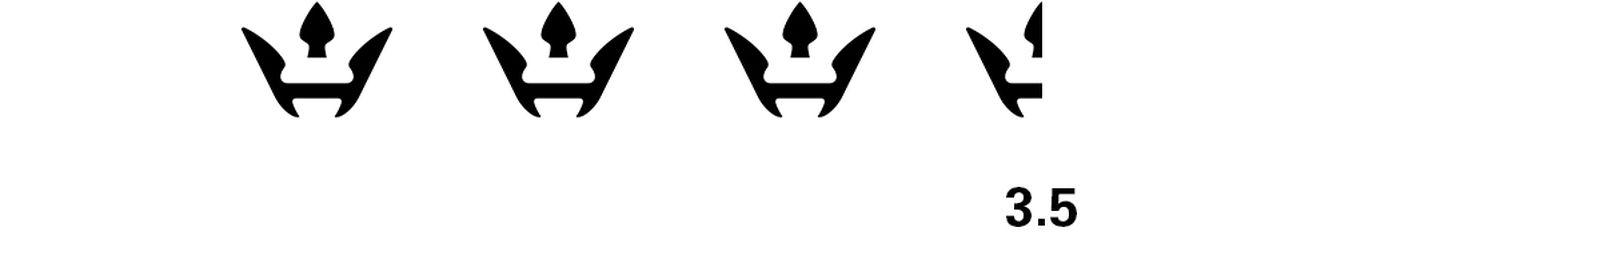 3.5 beauty marks ciara